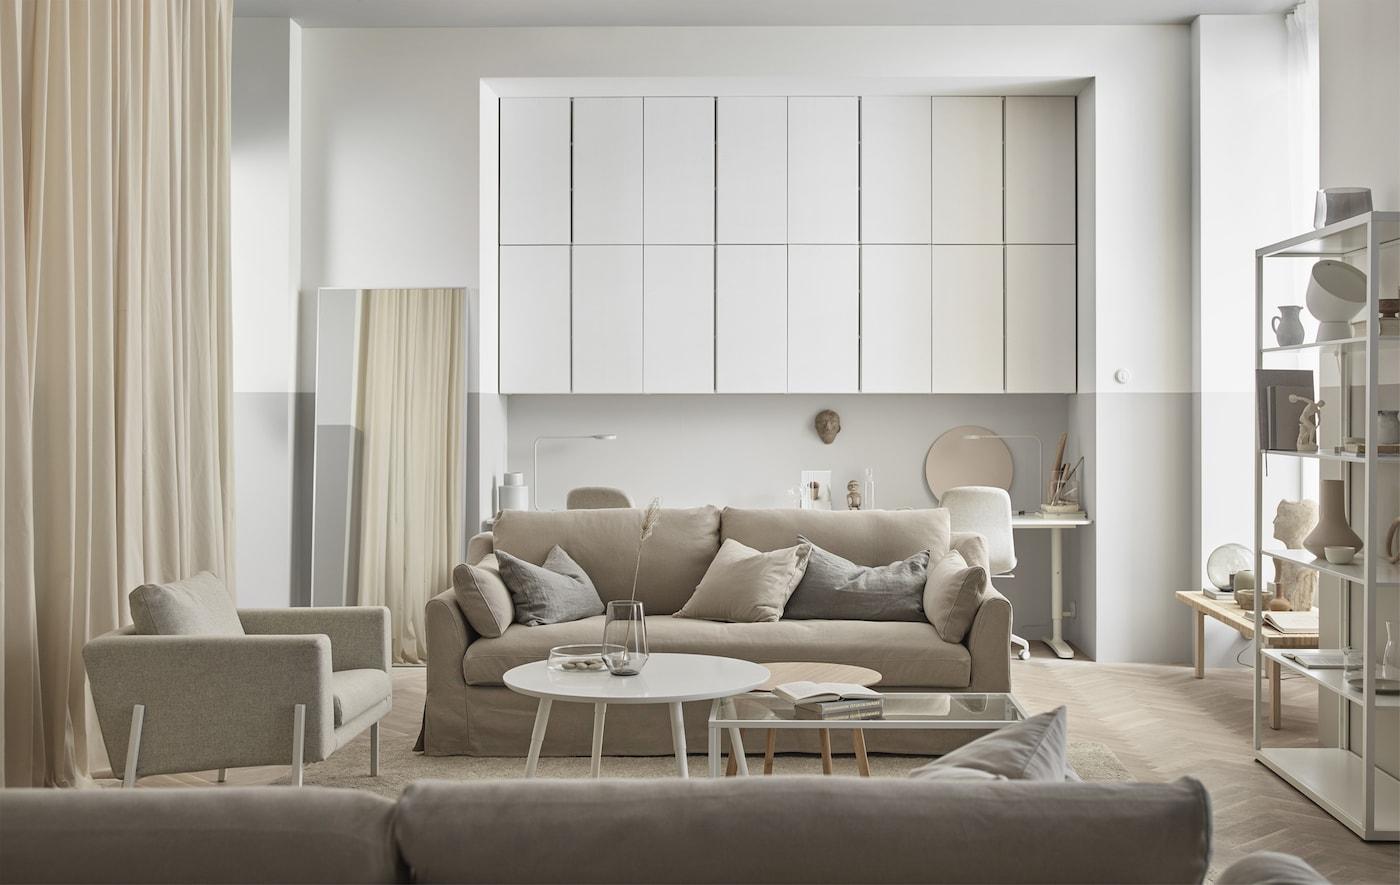 Træ, bløde hvide nuancer og glas får stuen til at føles afslappende og naturlig.